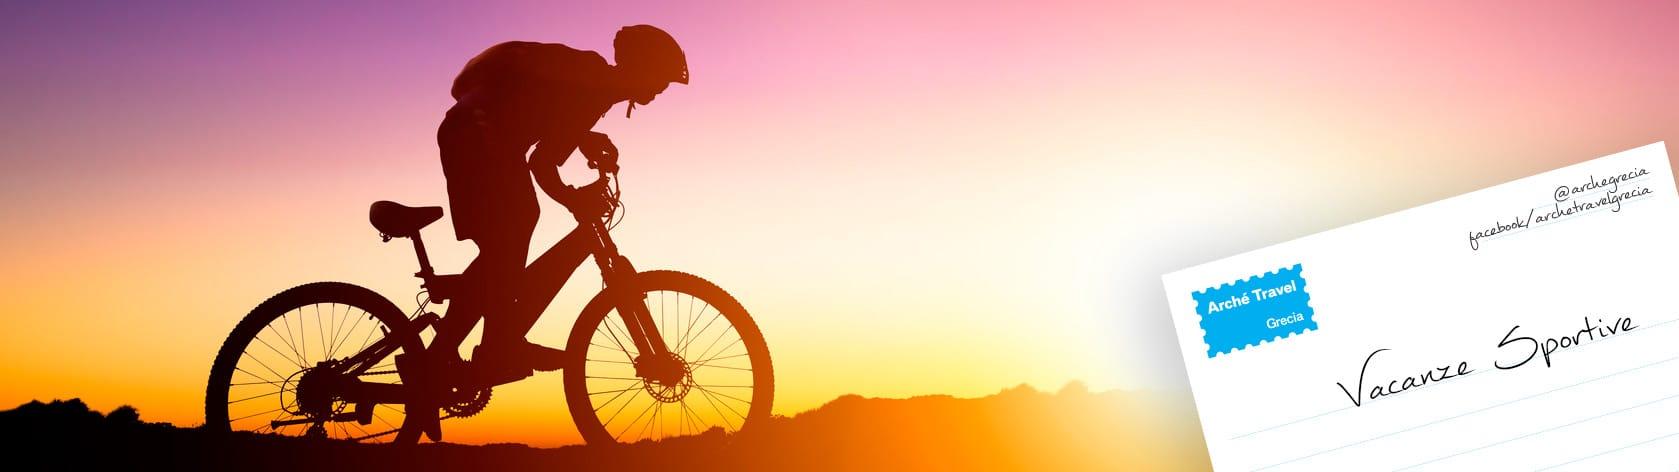 Vacanze Sportive Grecia - Viaggi in Bici e Multisport Grecia - Arché Travel - Tour Operator Grecia Sport